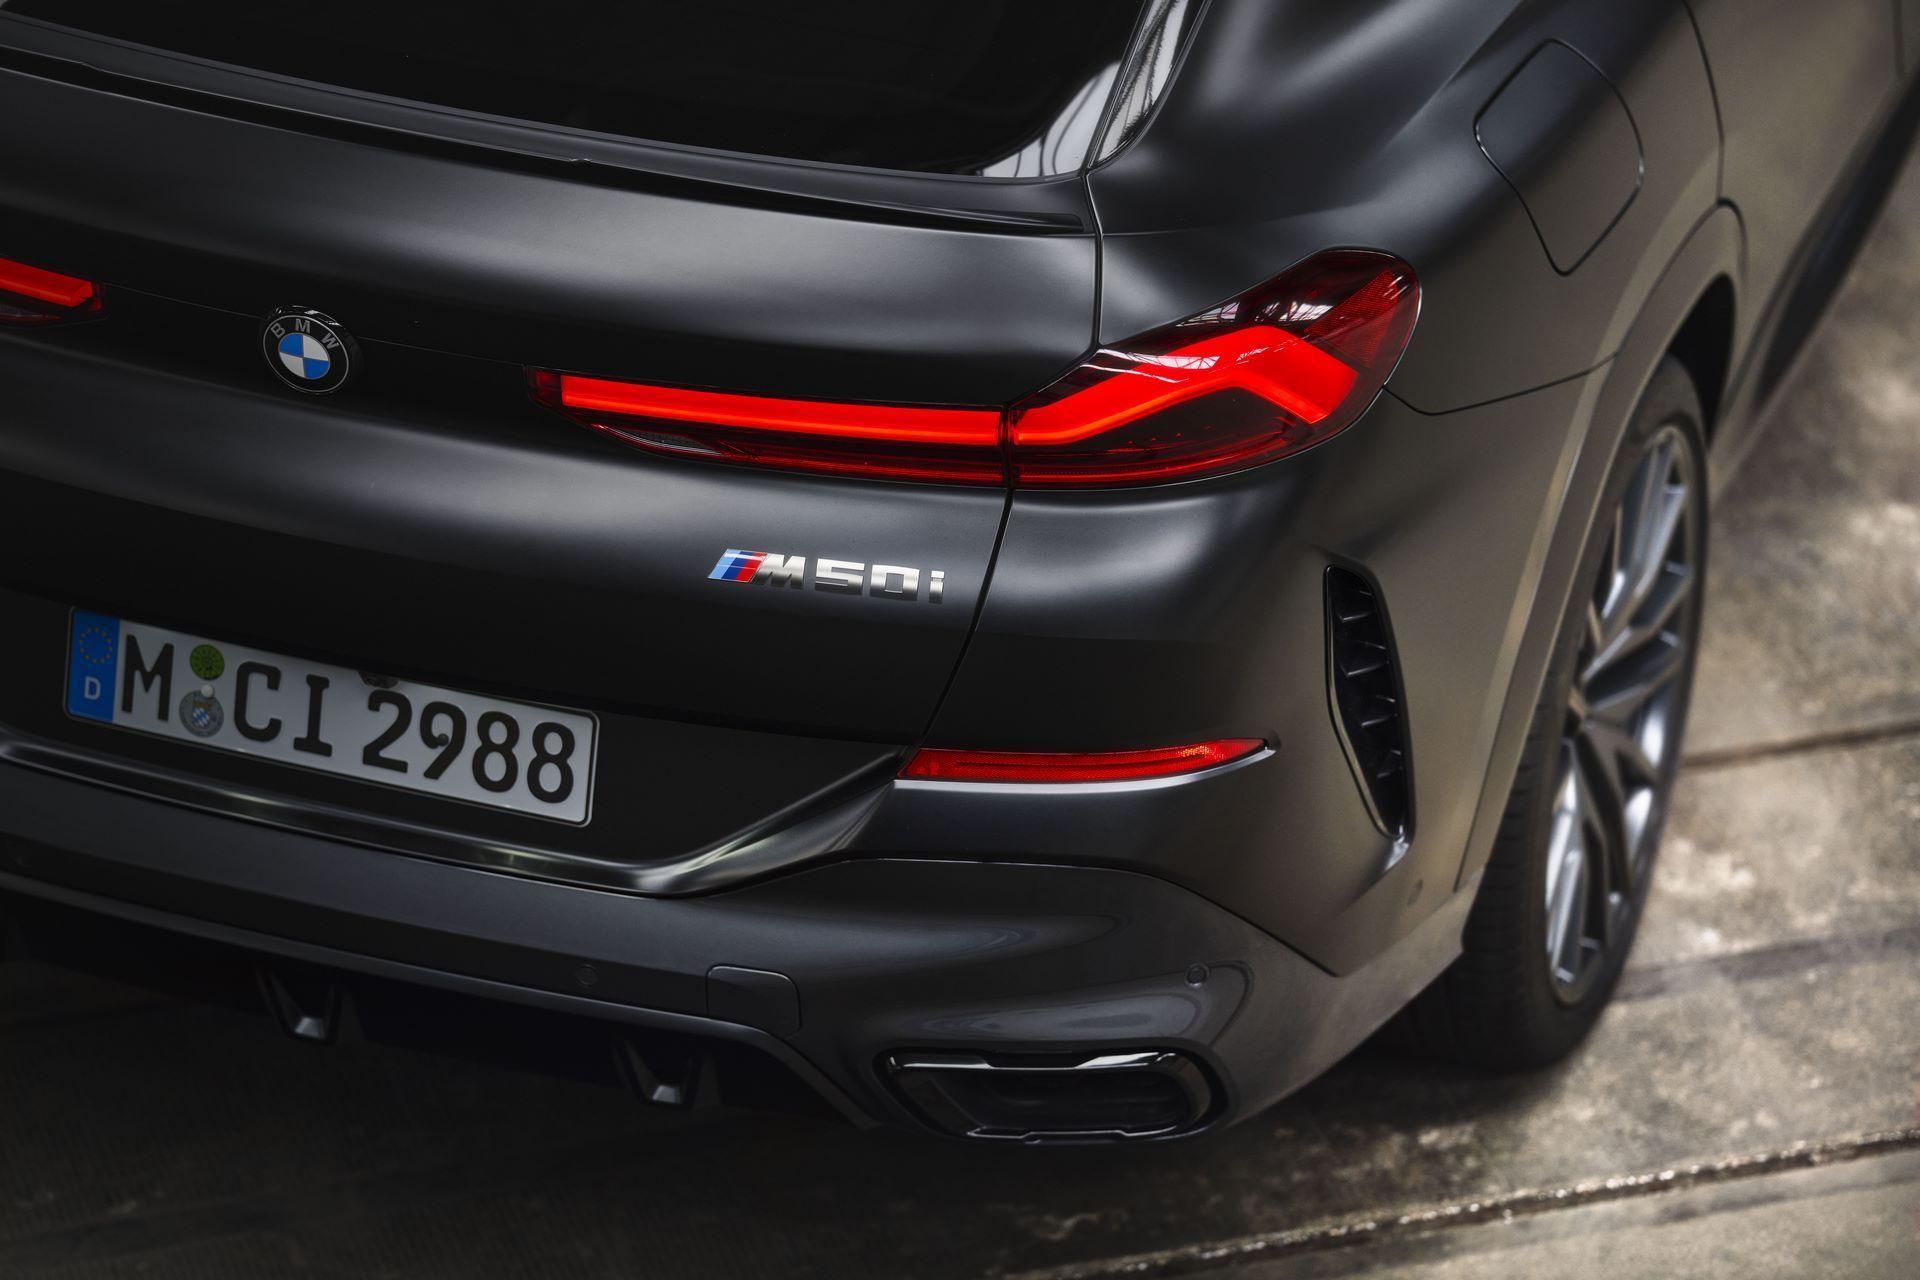 BMW-X5-Χ6-Black-Vermilion-X7-Limited-Edition-25